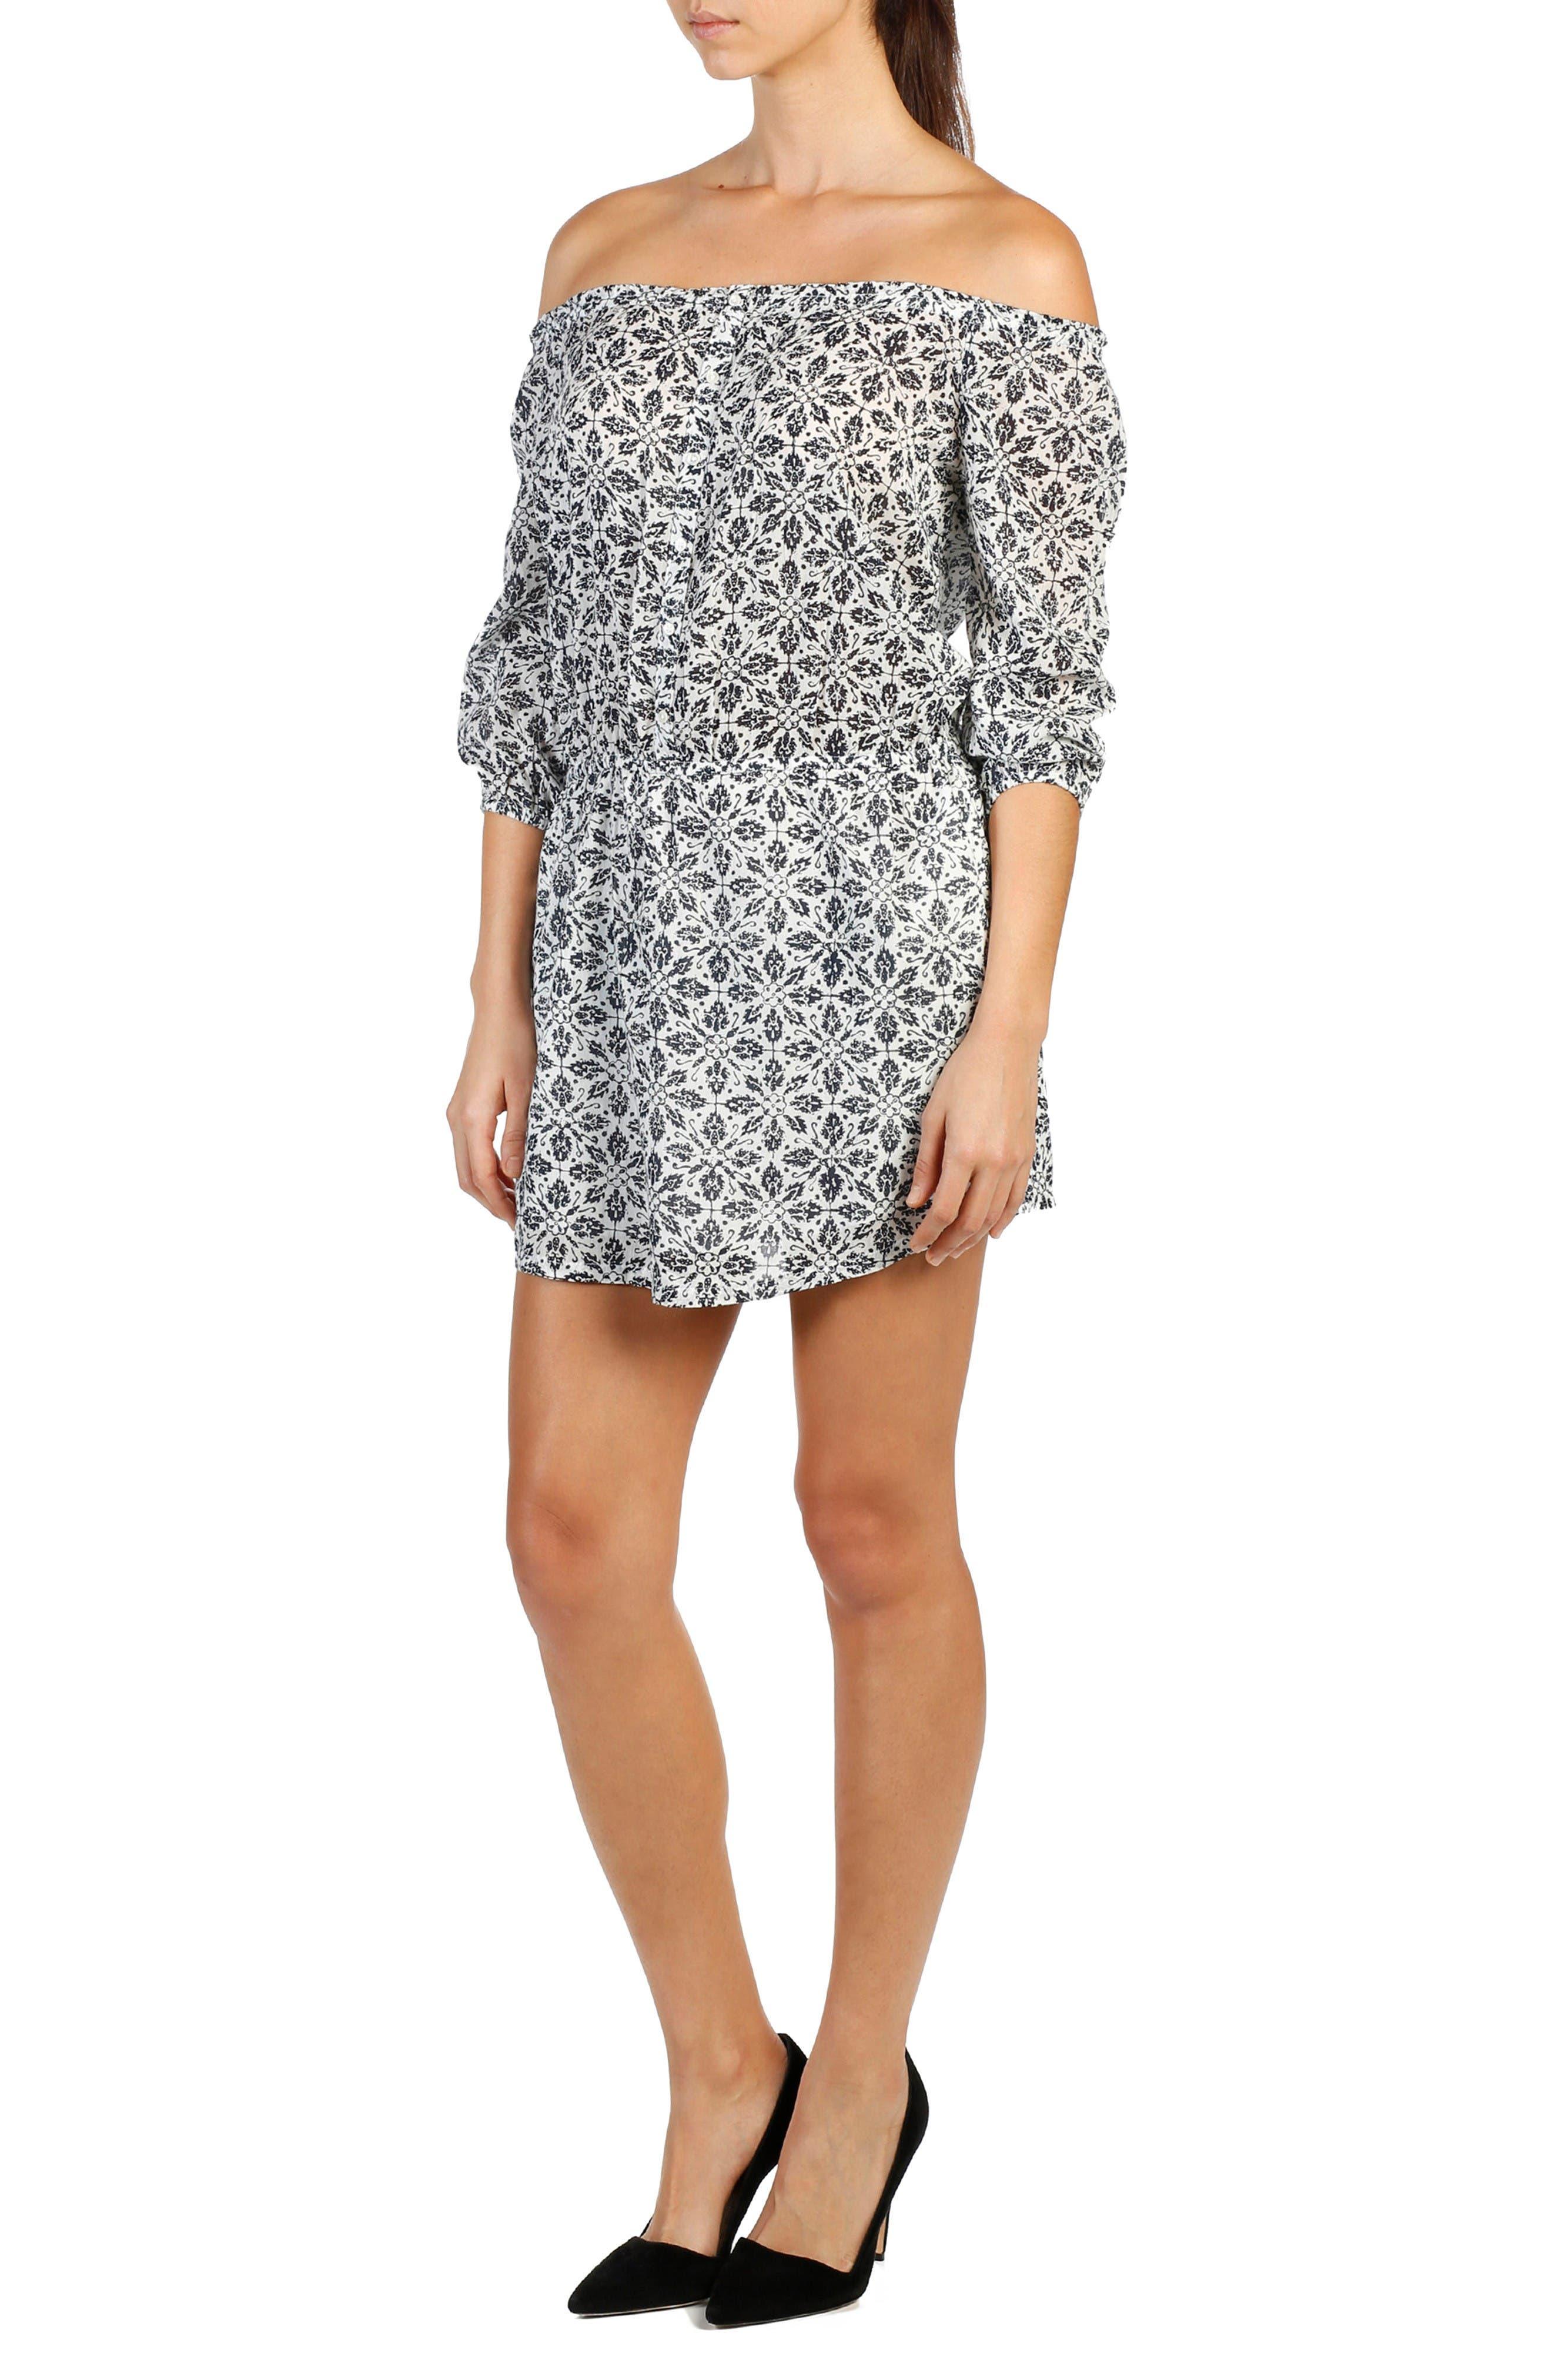 Main Image - PAIGE Clover Cotton Off the Shoulder Dress